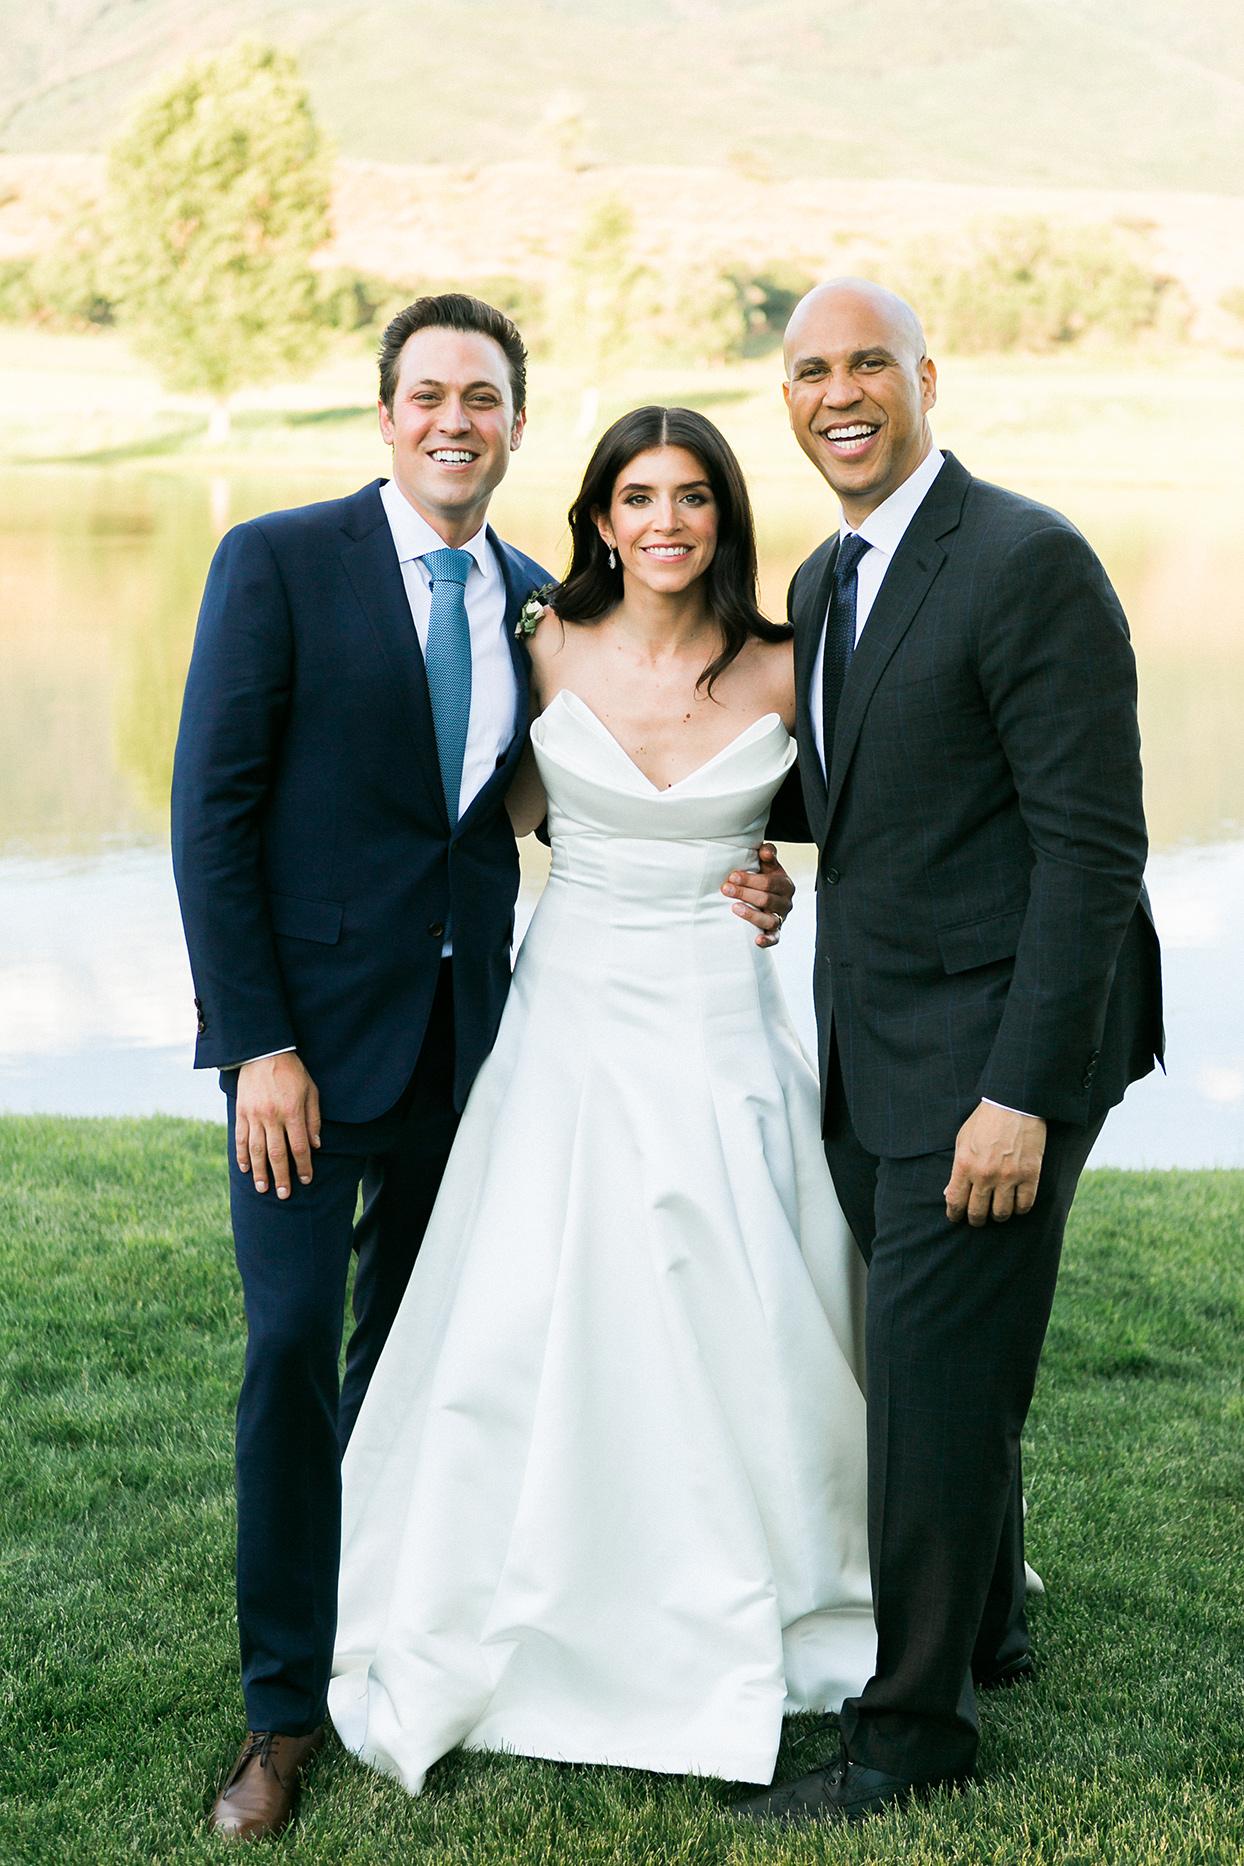 jessica aaron wedding couple with cory booker